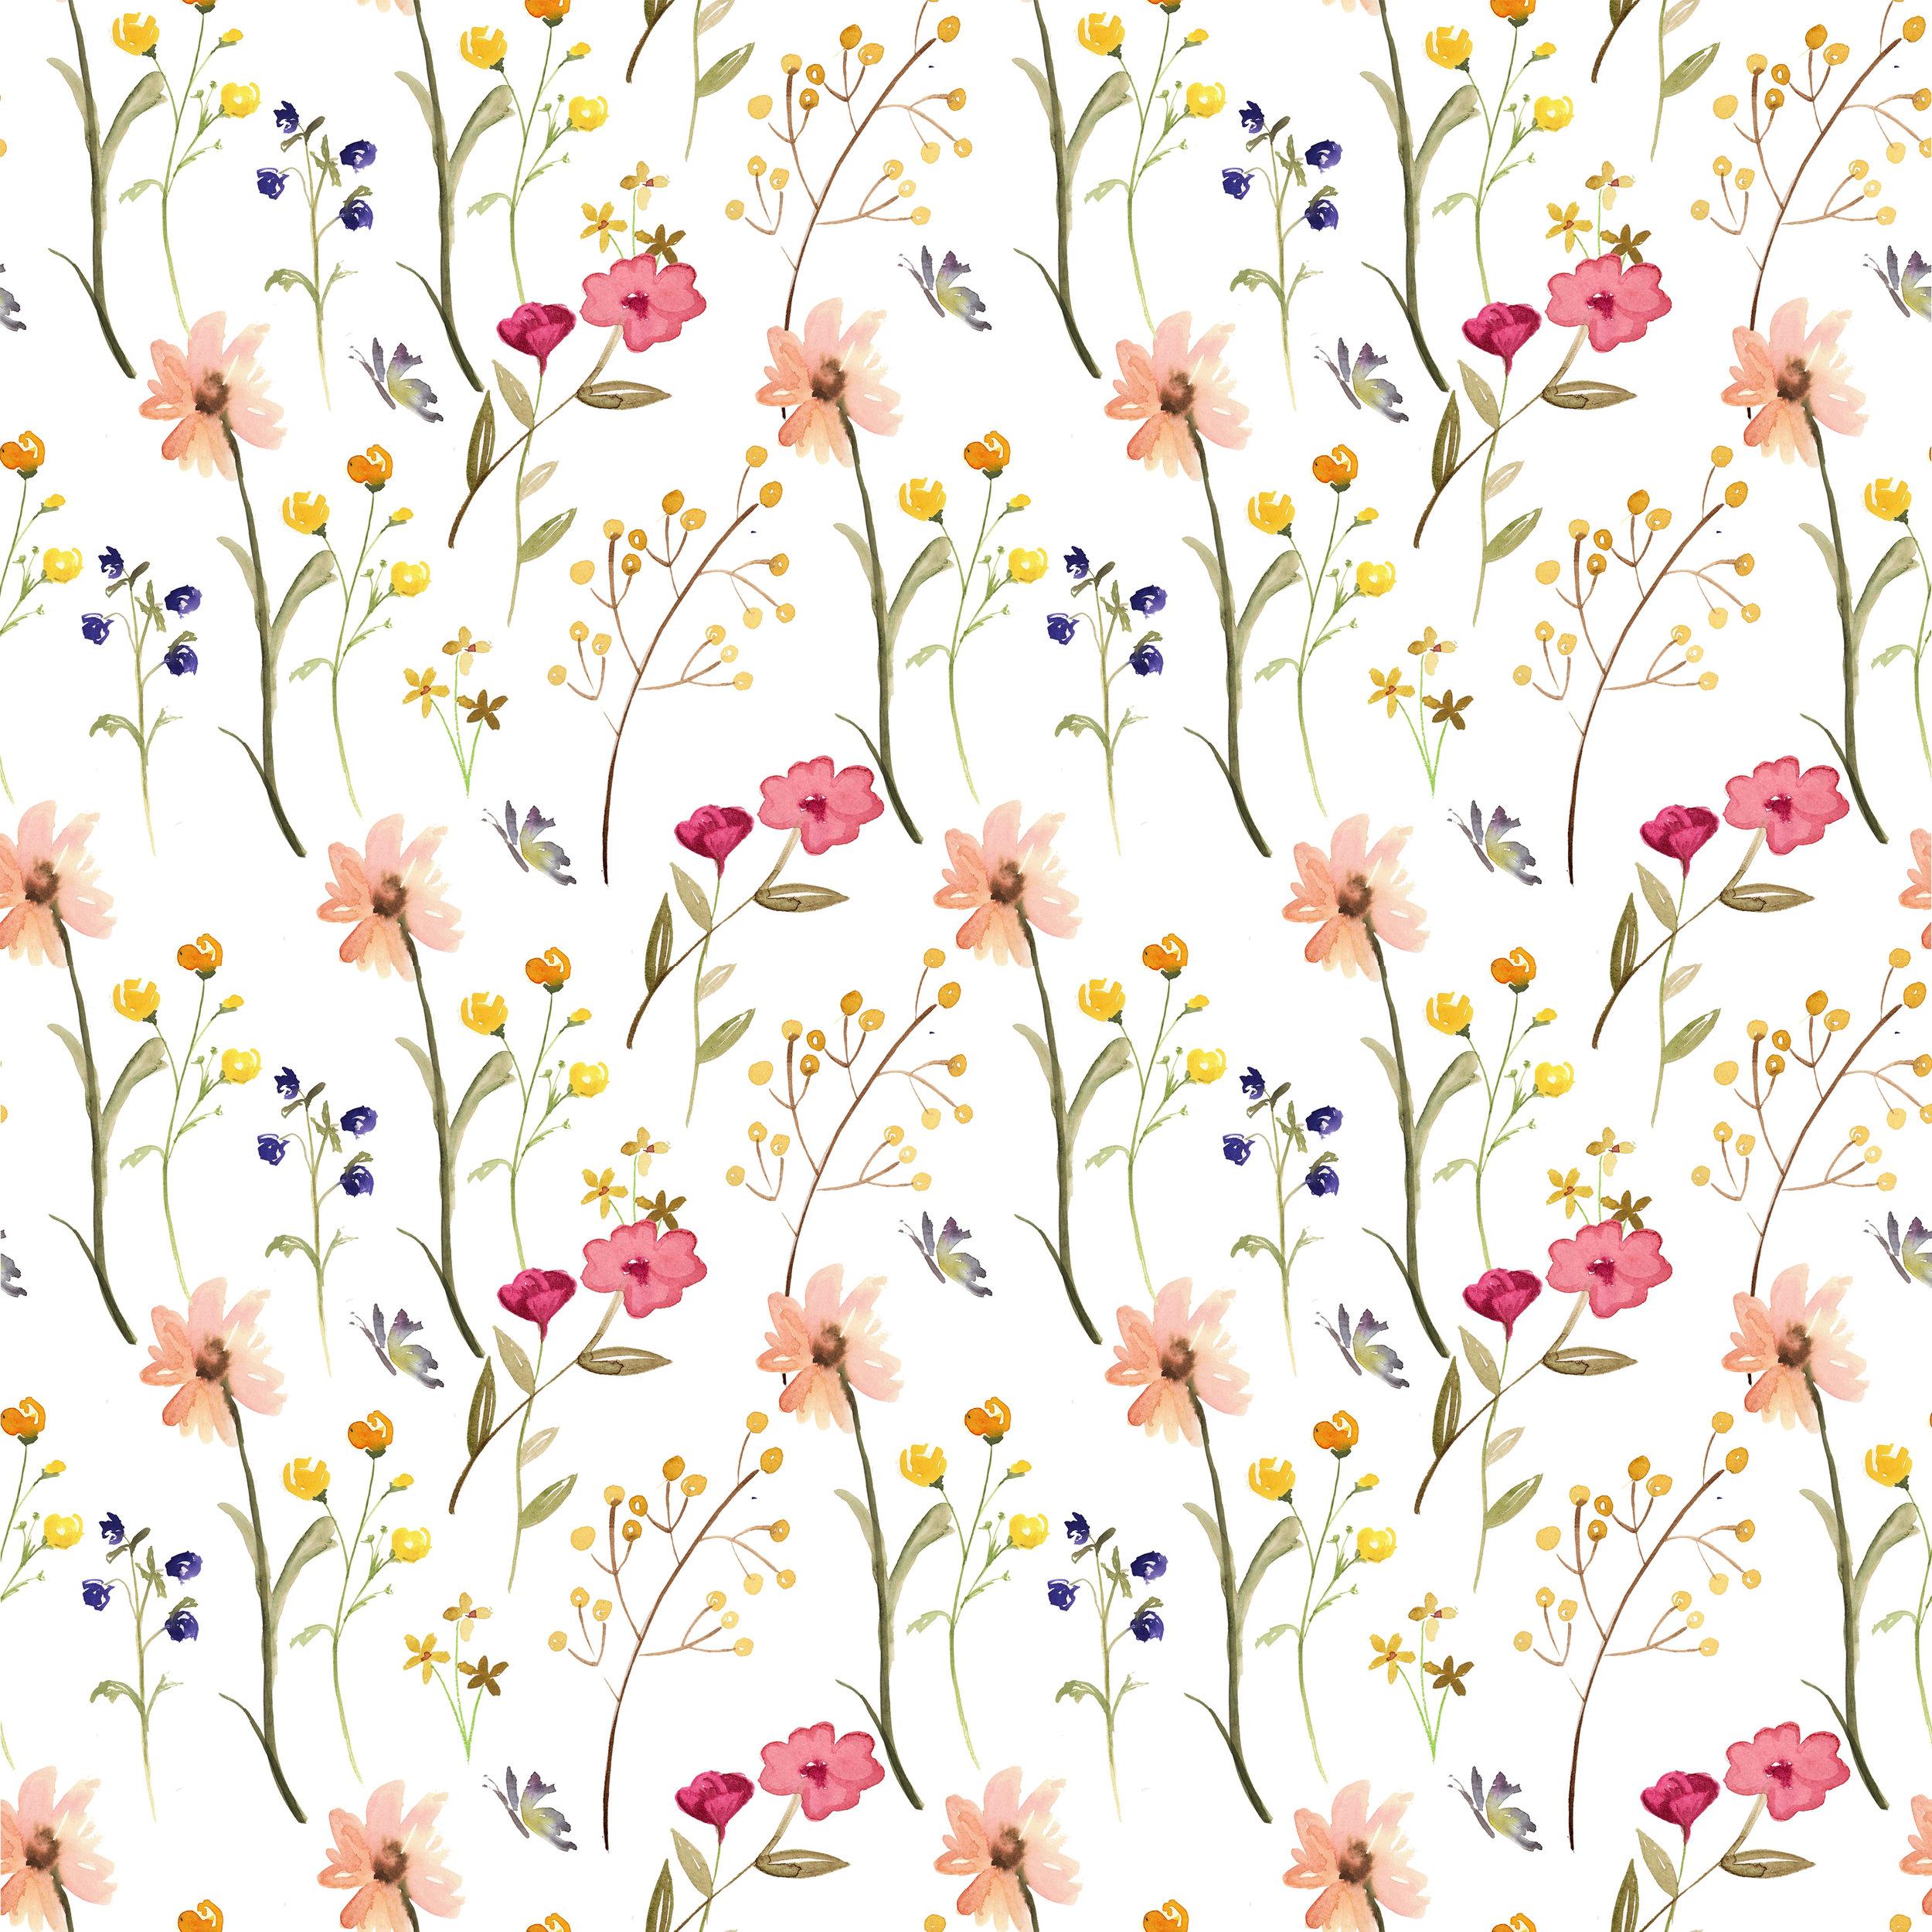 wildflowerpatternrepeat1.jpg